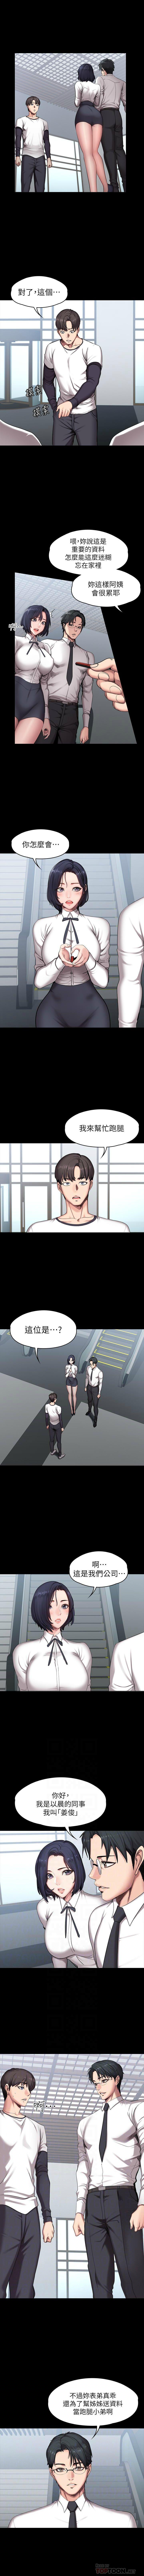 健身教練 1-56 官方中文(連載中) 334